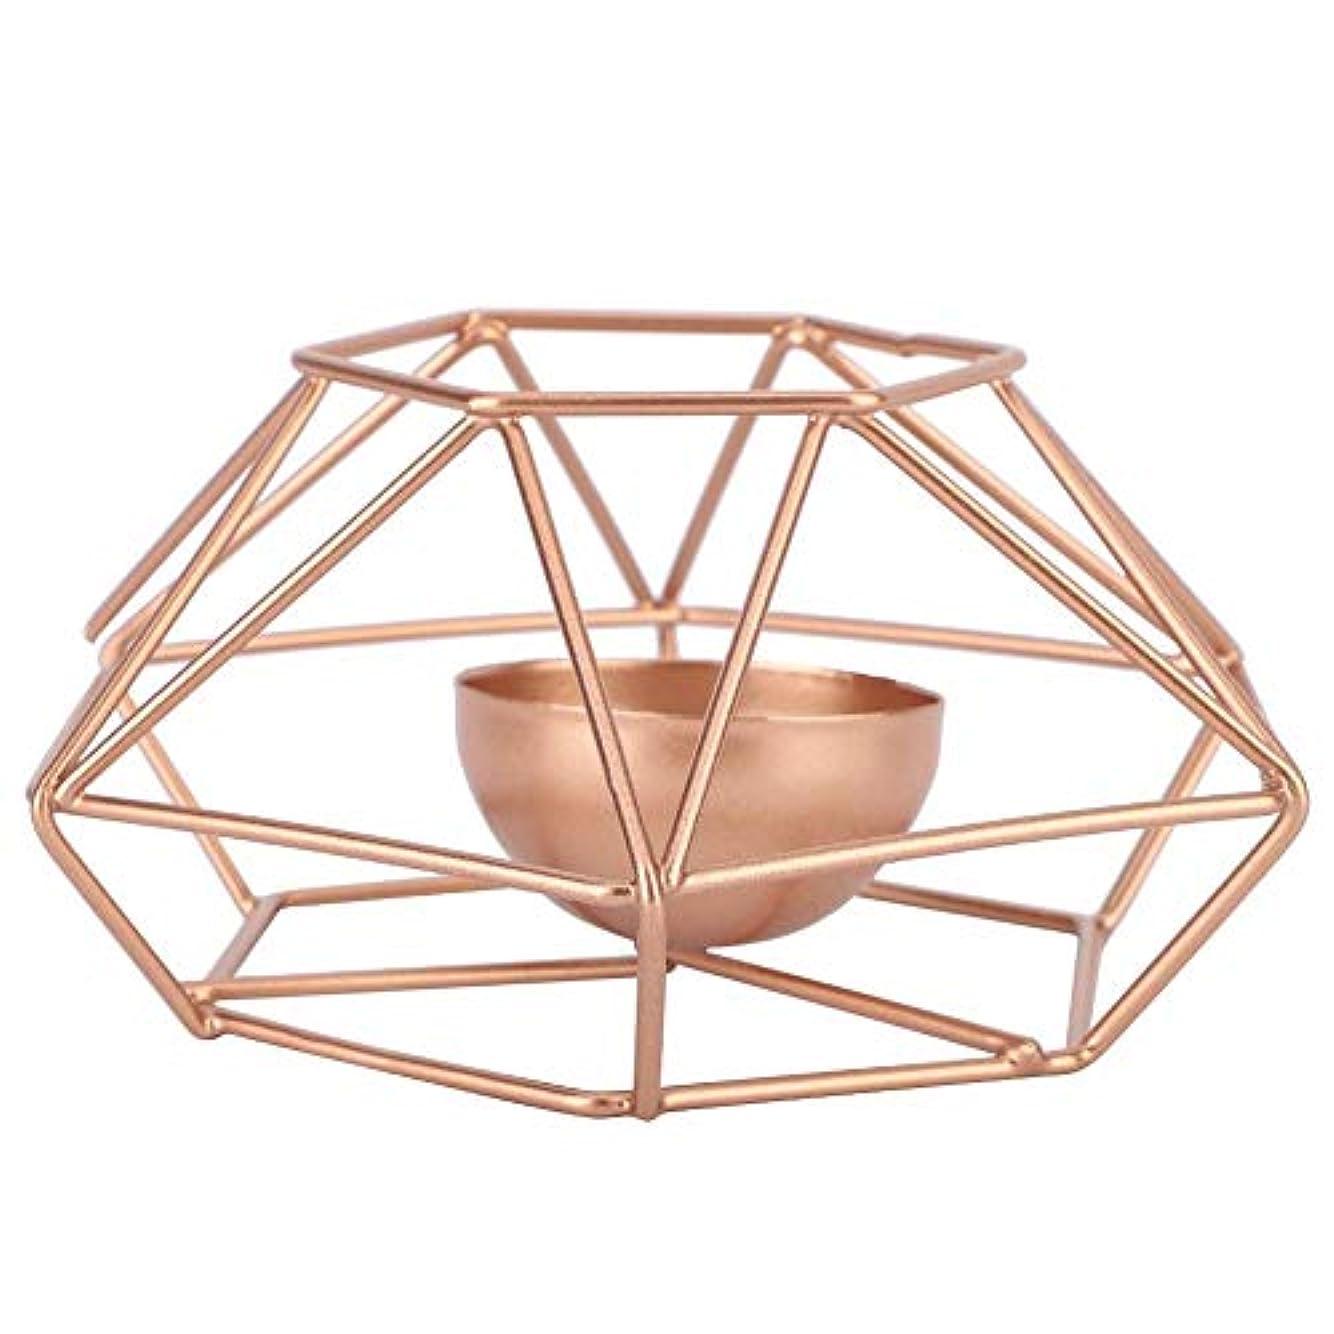 フランクワースリーびんうそつき鉄の燭台、現代スタイルの幾何学的な燭台スタンド鉄の蝋燭ホールダー金家の装飾飾り